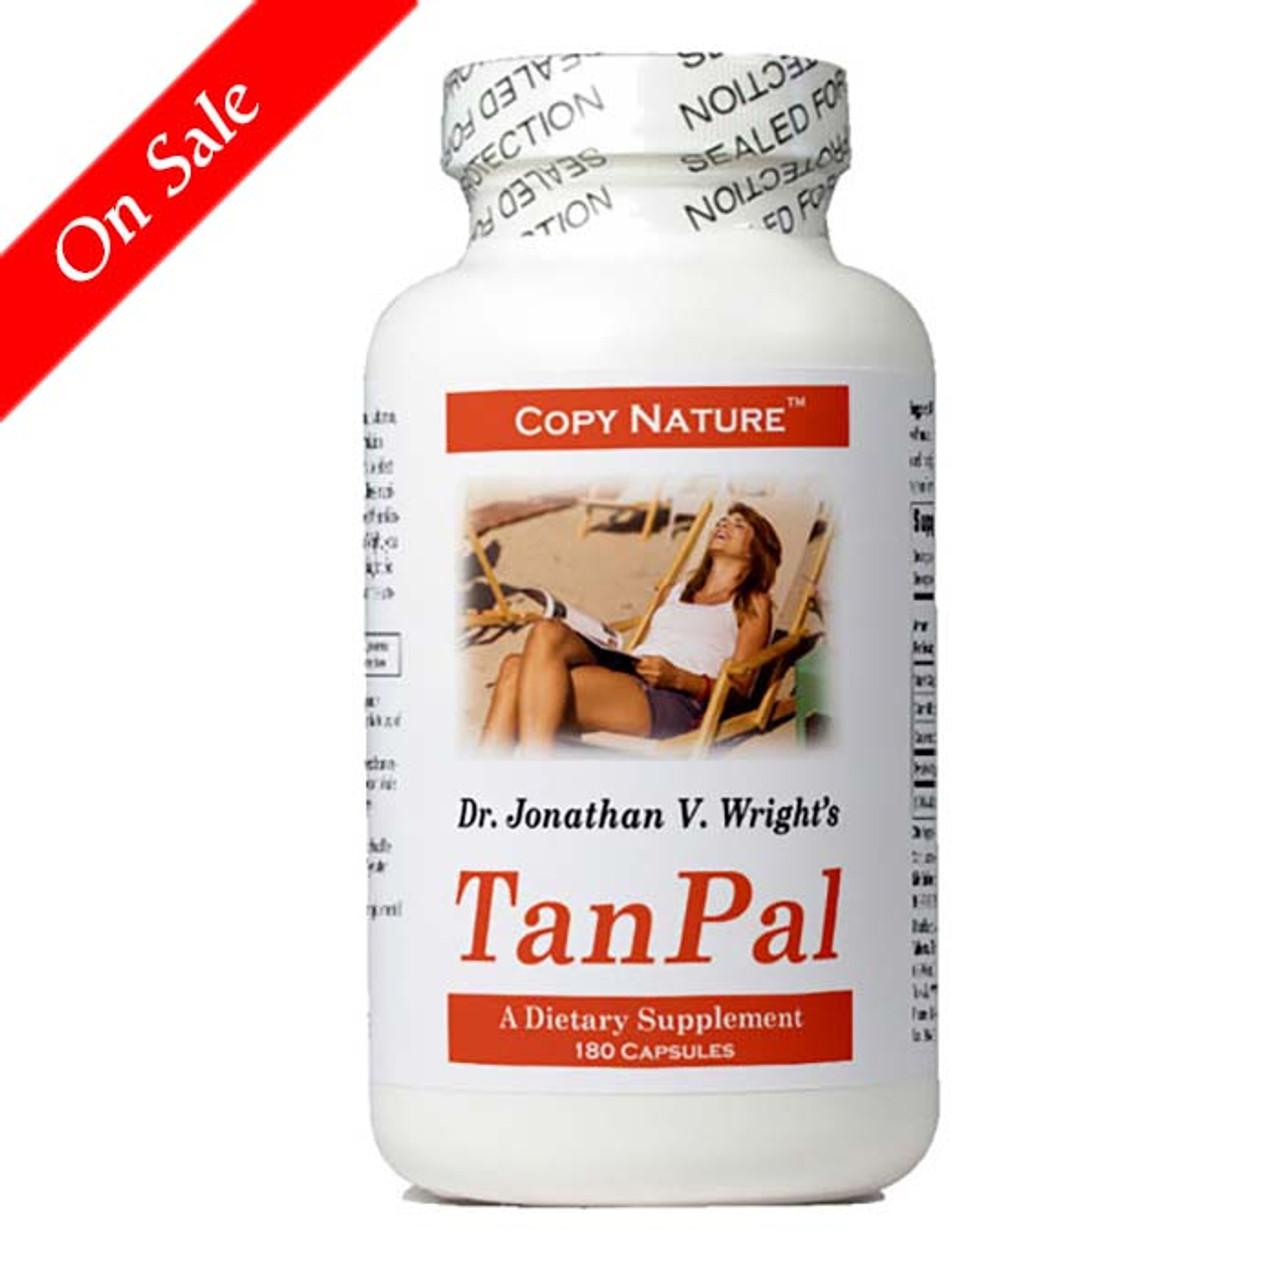 TanPal 180 Caps   (Expires  11-2021)